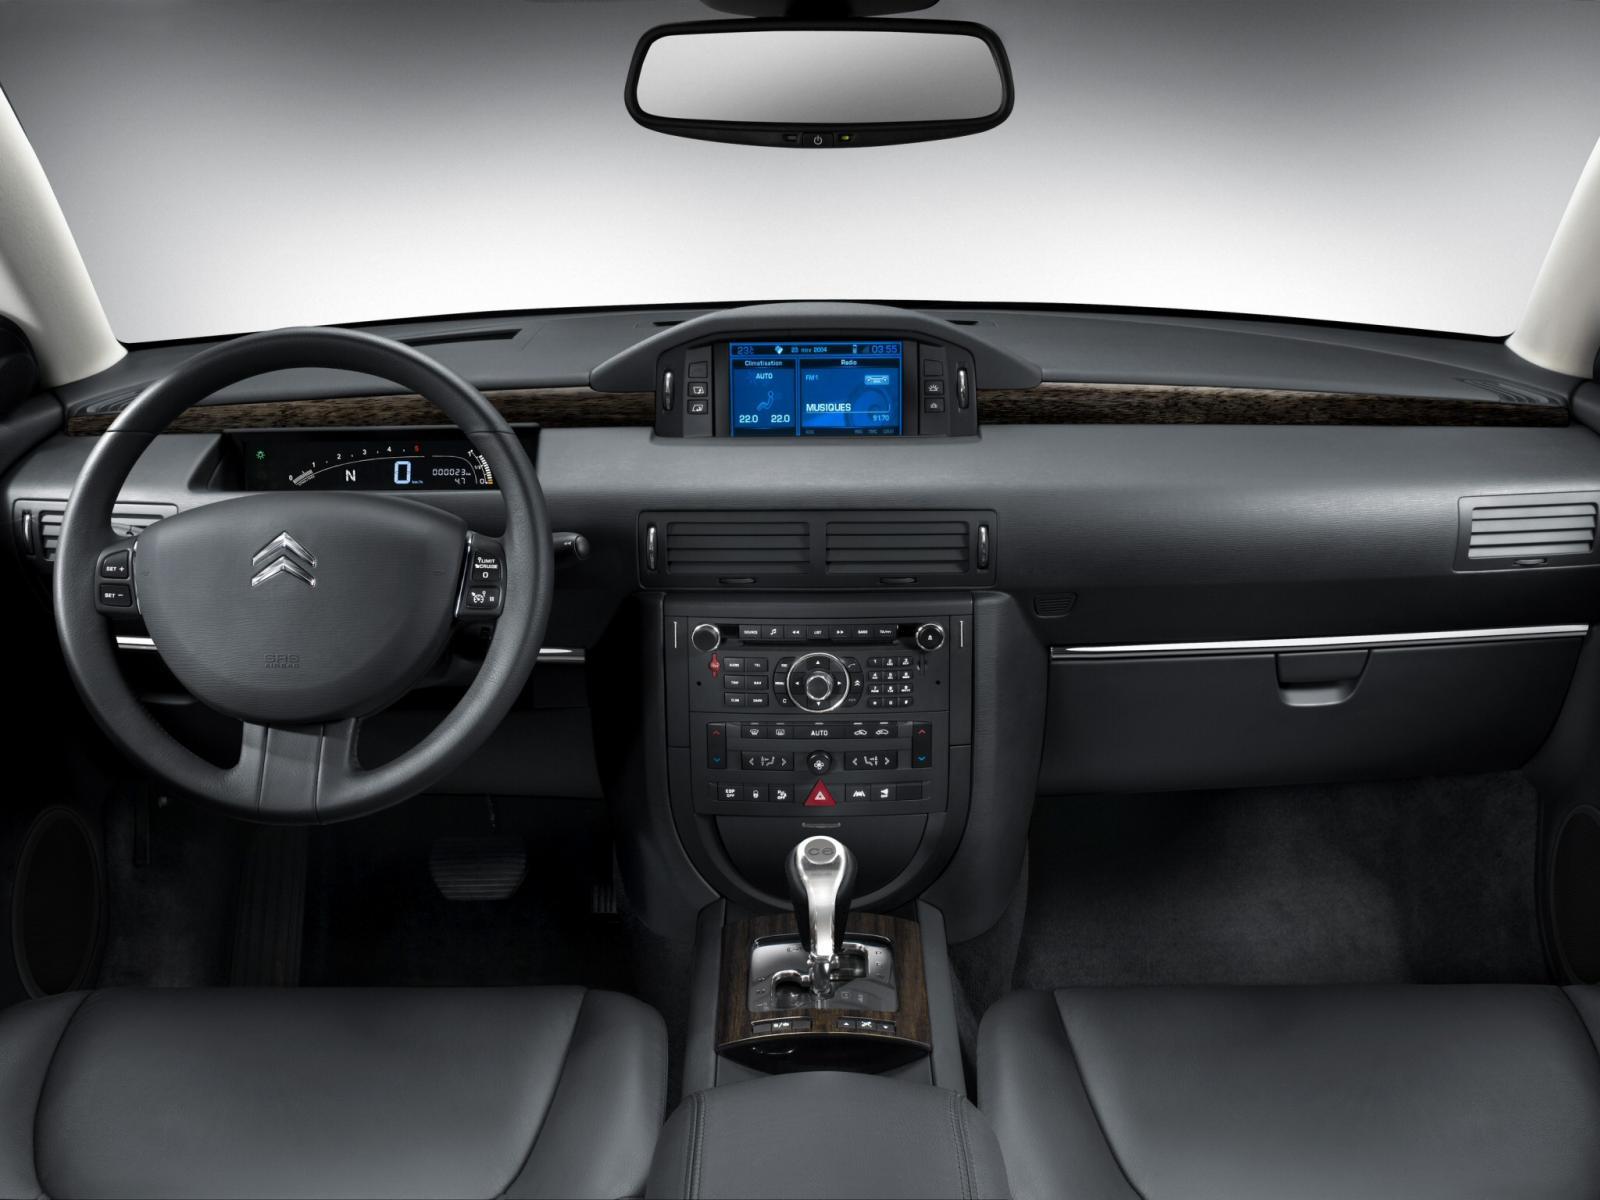 C6 V6 HDI exclusive 2005 planche de bord